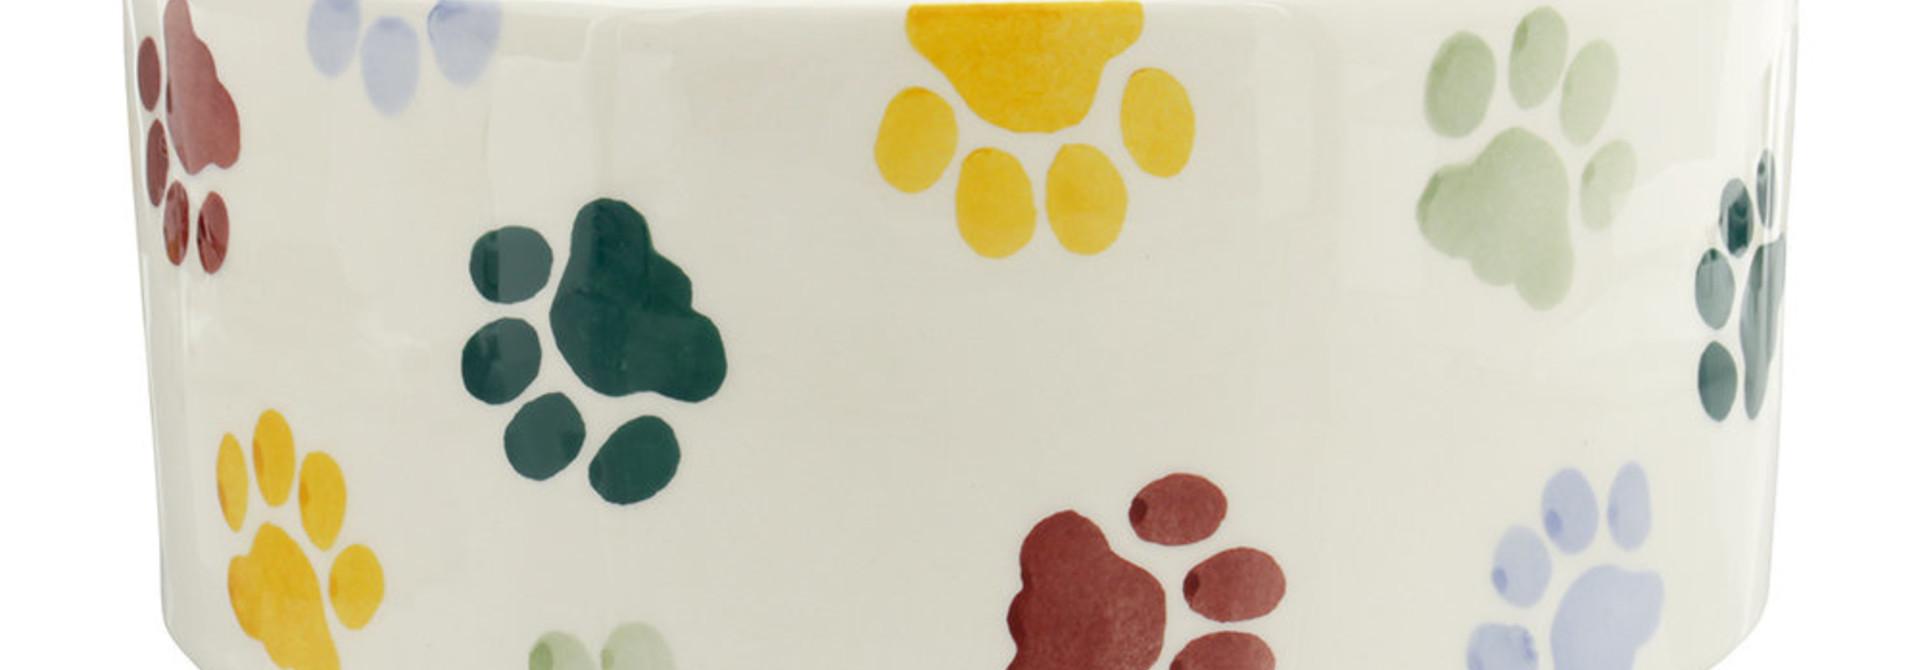 Polka Paws Large Pet Bowl